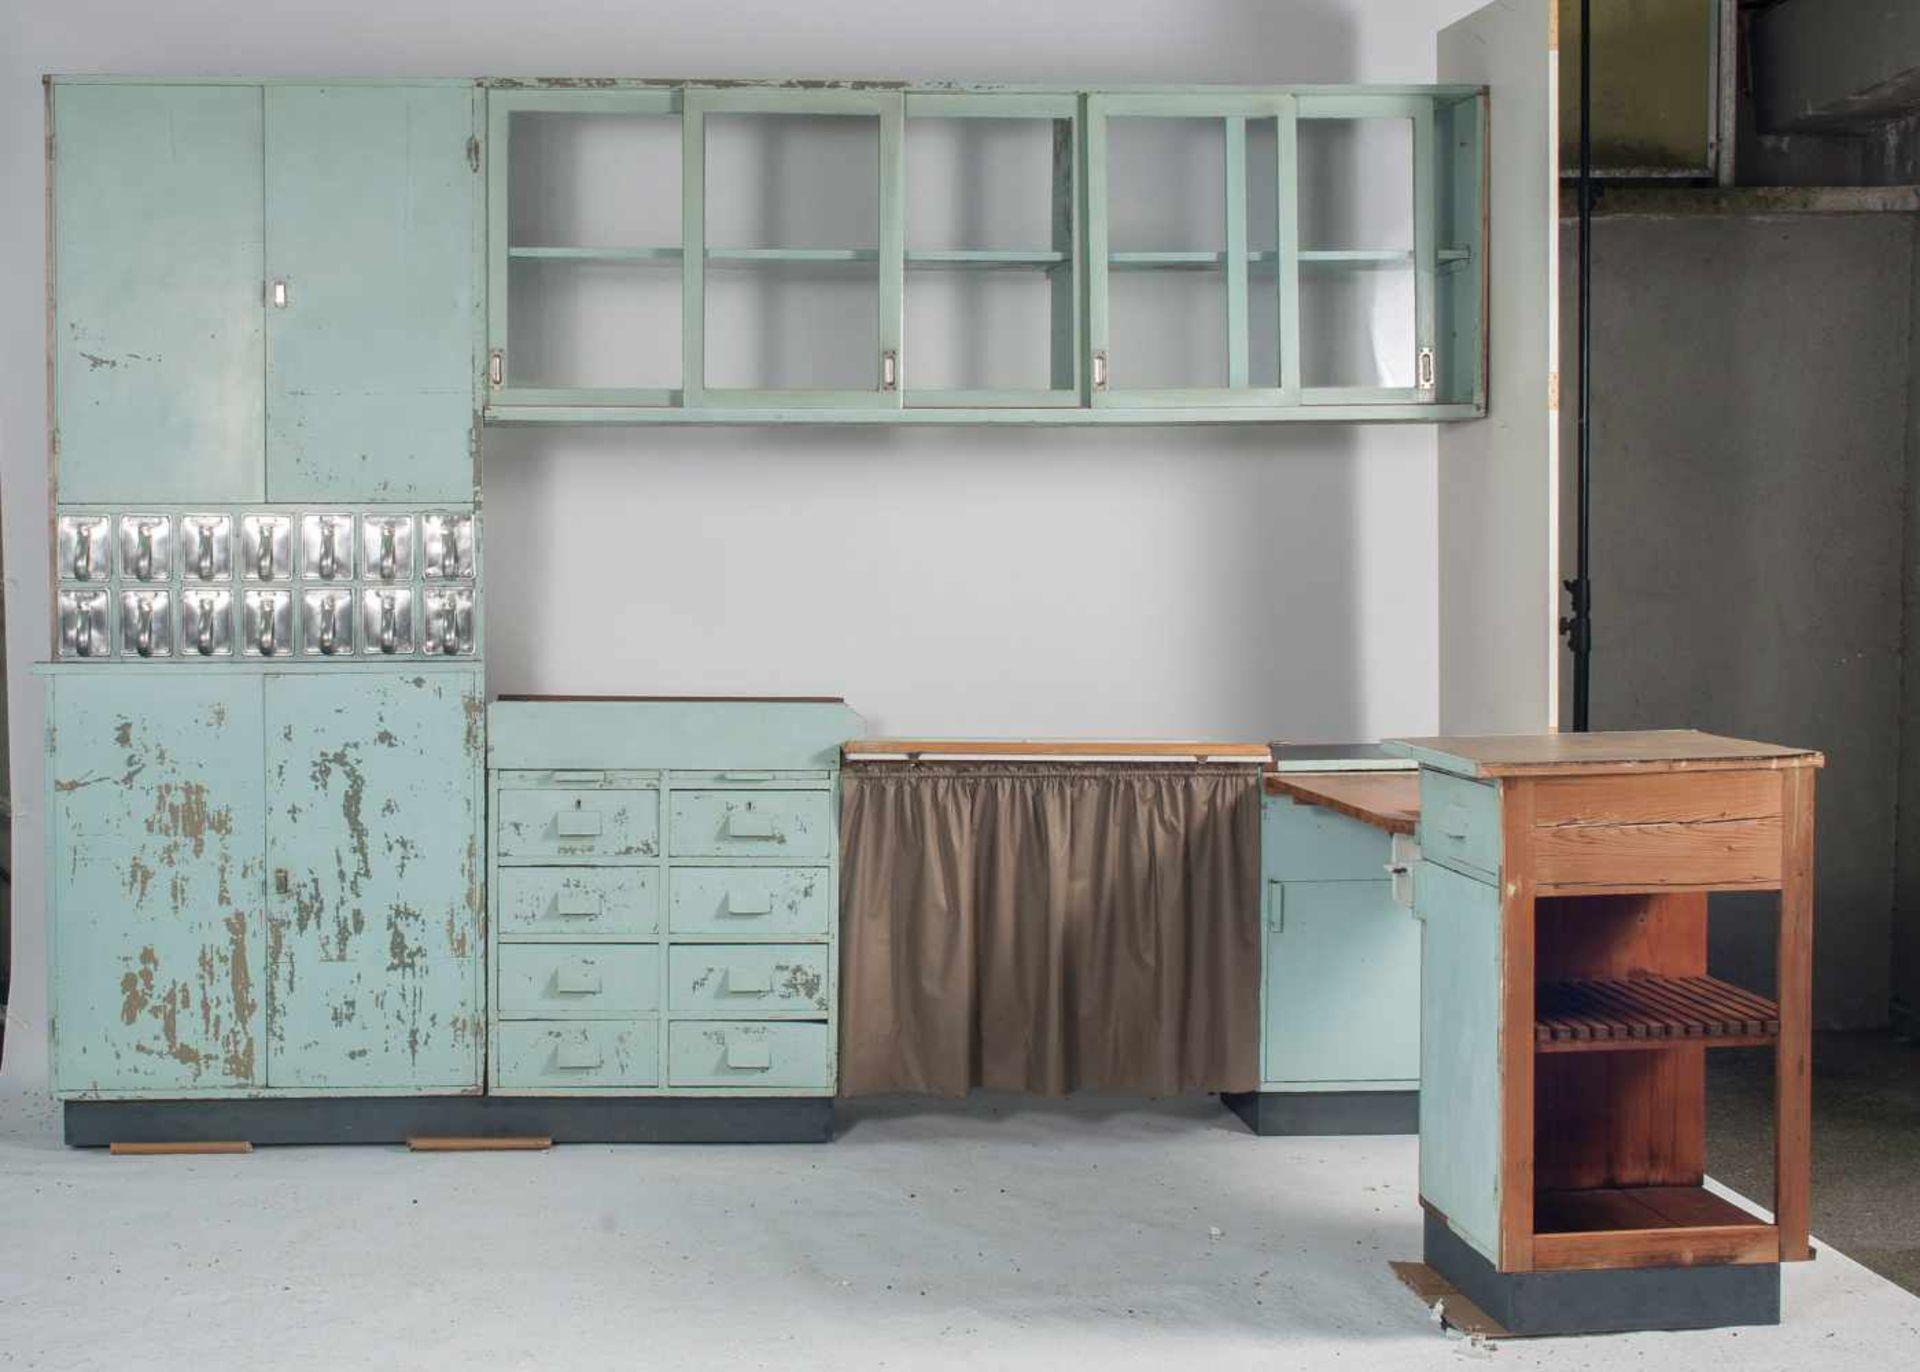 Margarete Schütte-Lihotzky'Frankfurter Küche' aus der Ernst-May Siedlung, Frankfurt Niederrad, - Bild 16 aus 20